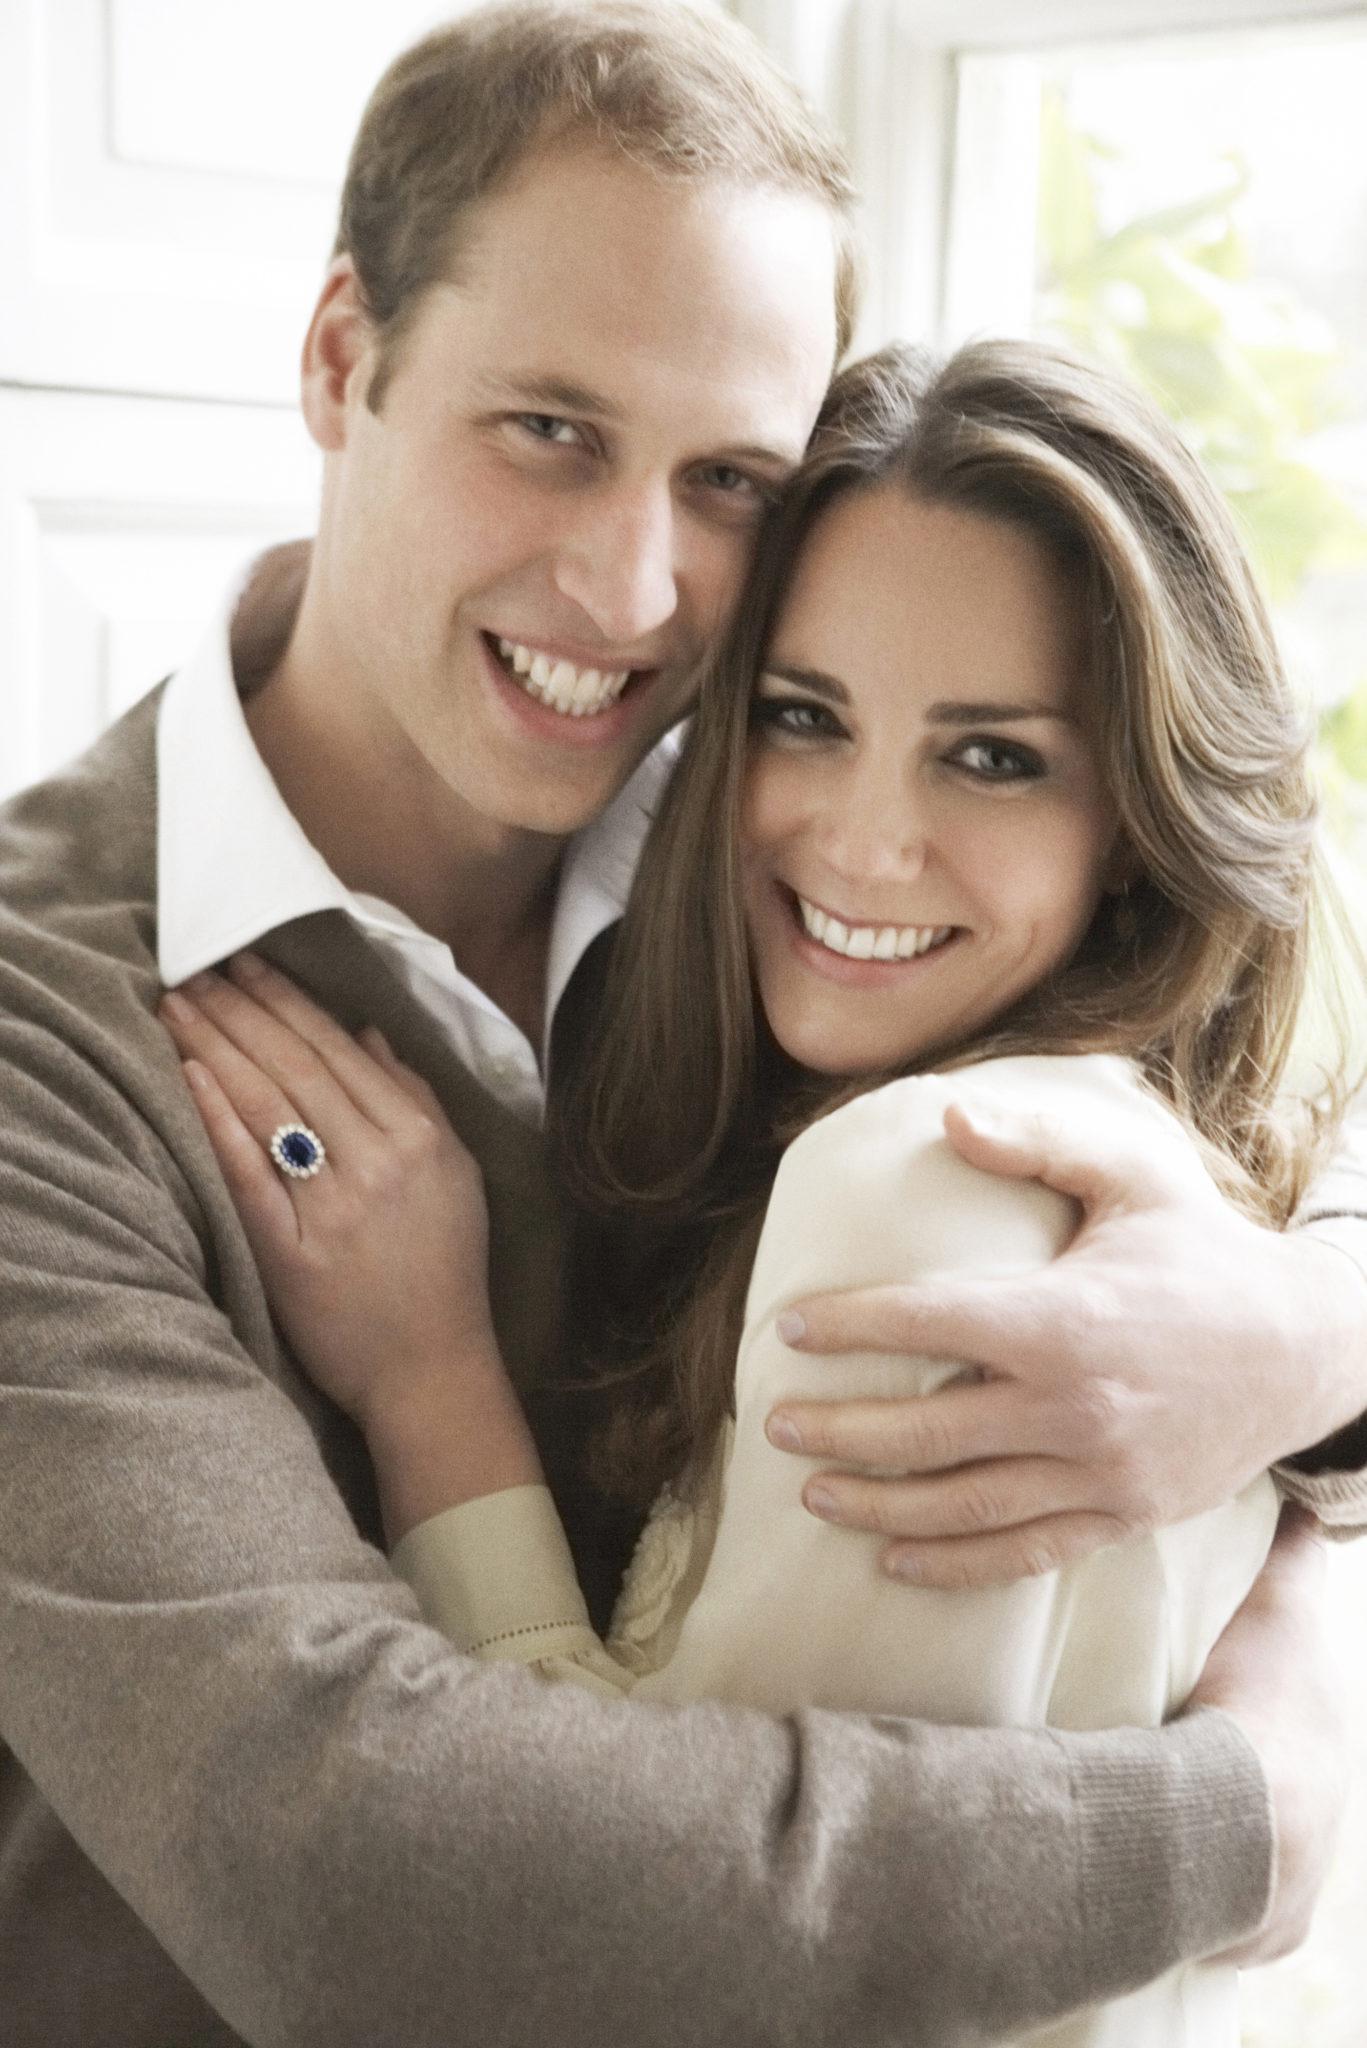 Książę William i księżna Kate w 2010 roku